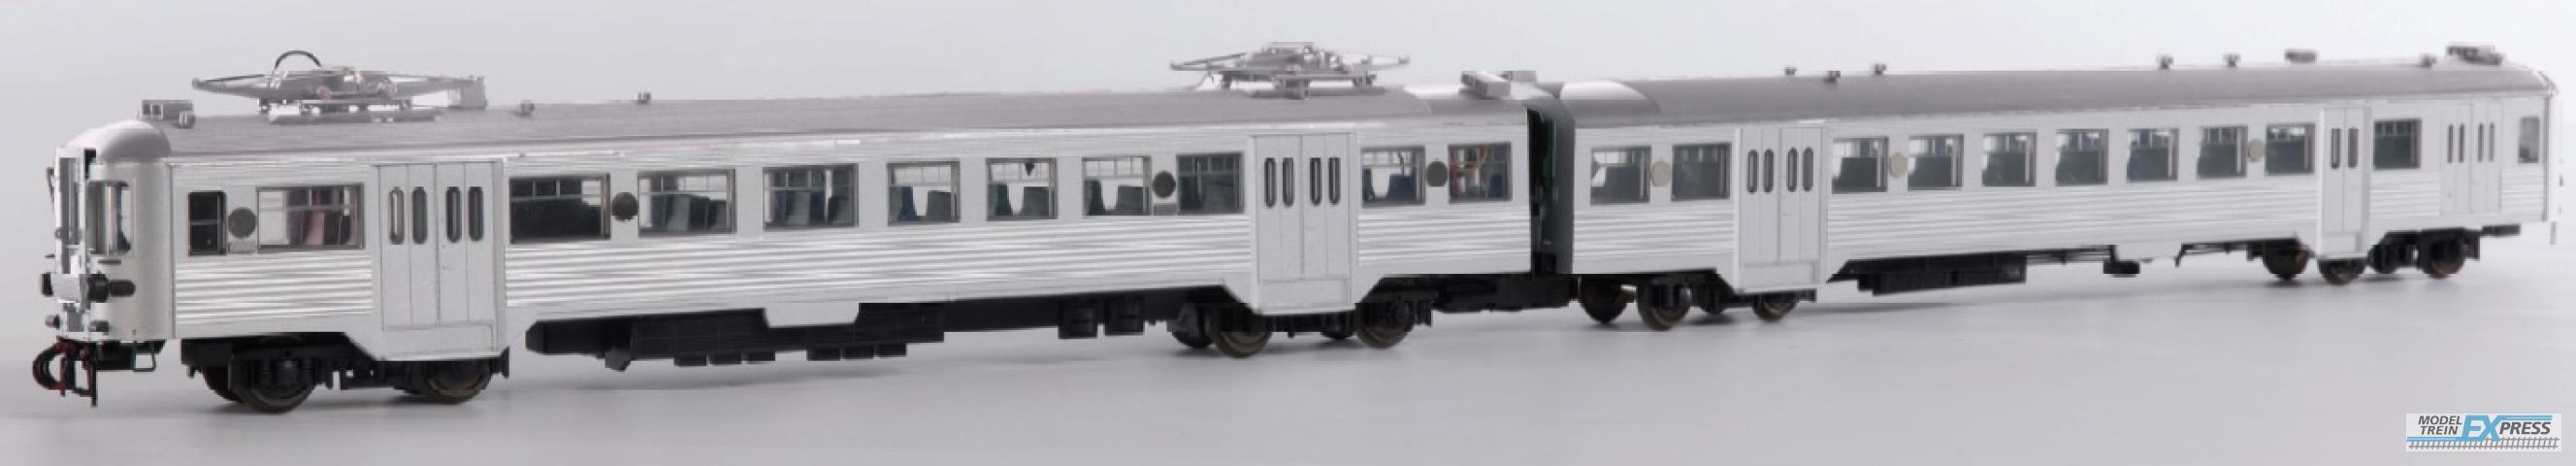 B-Models 7101.02